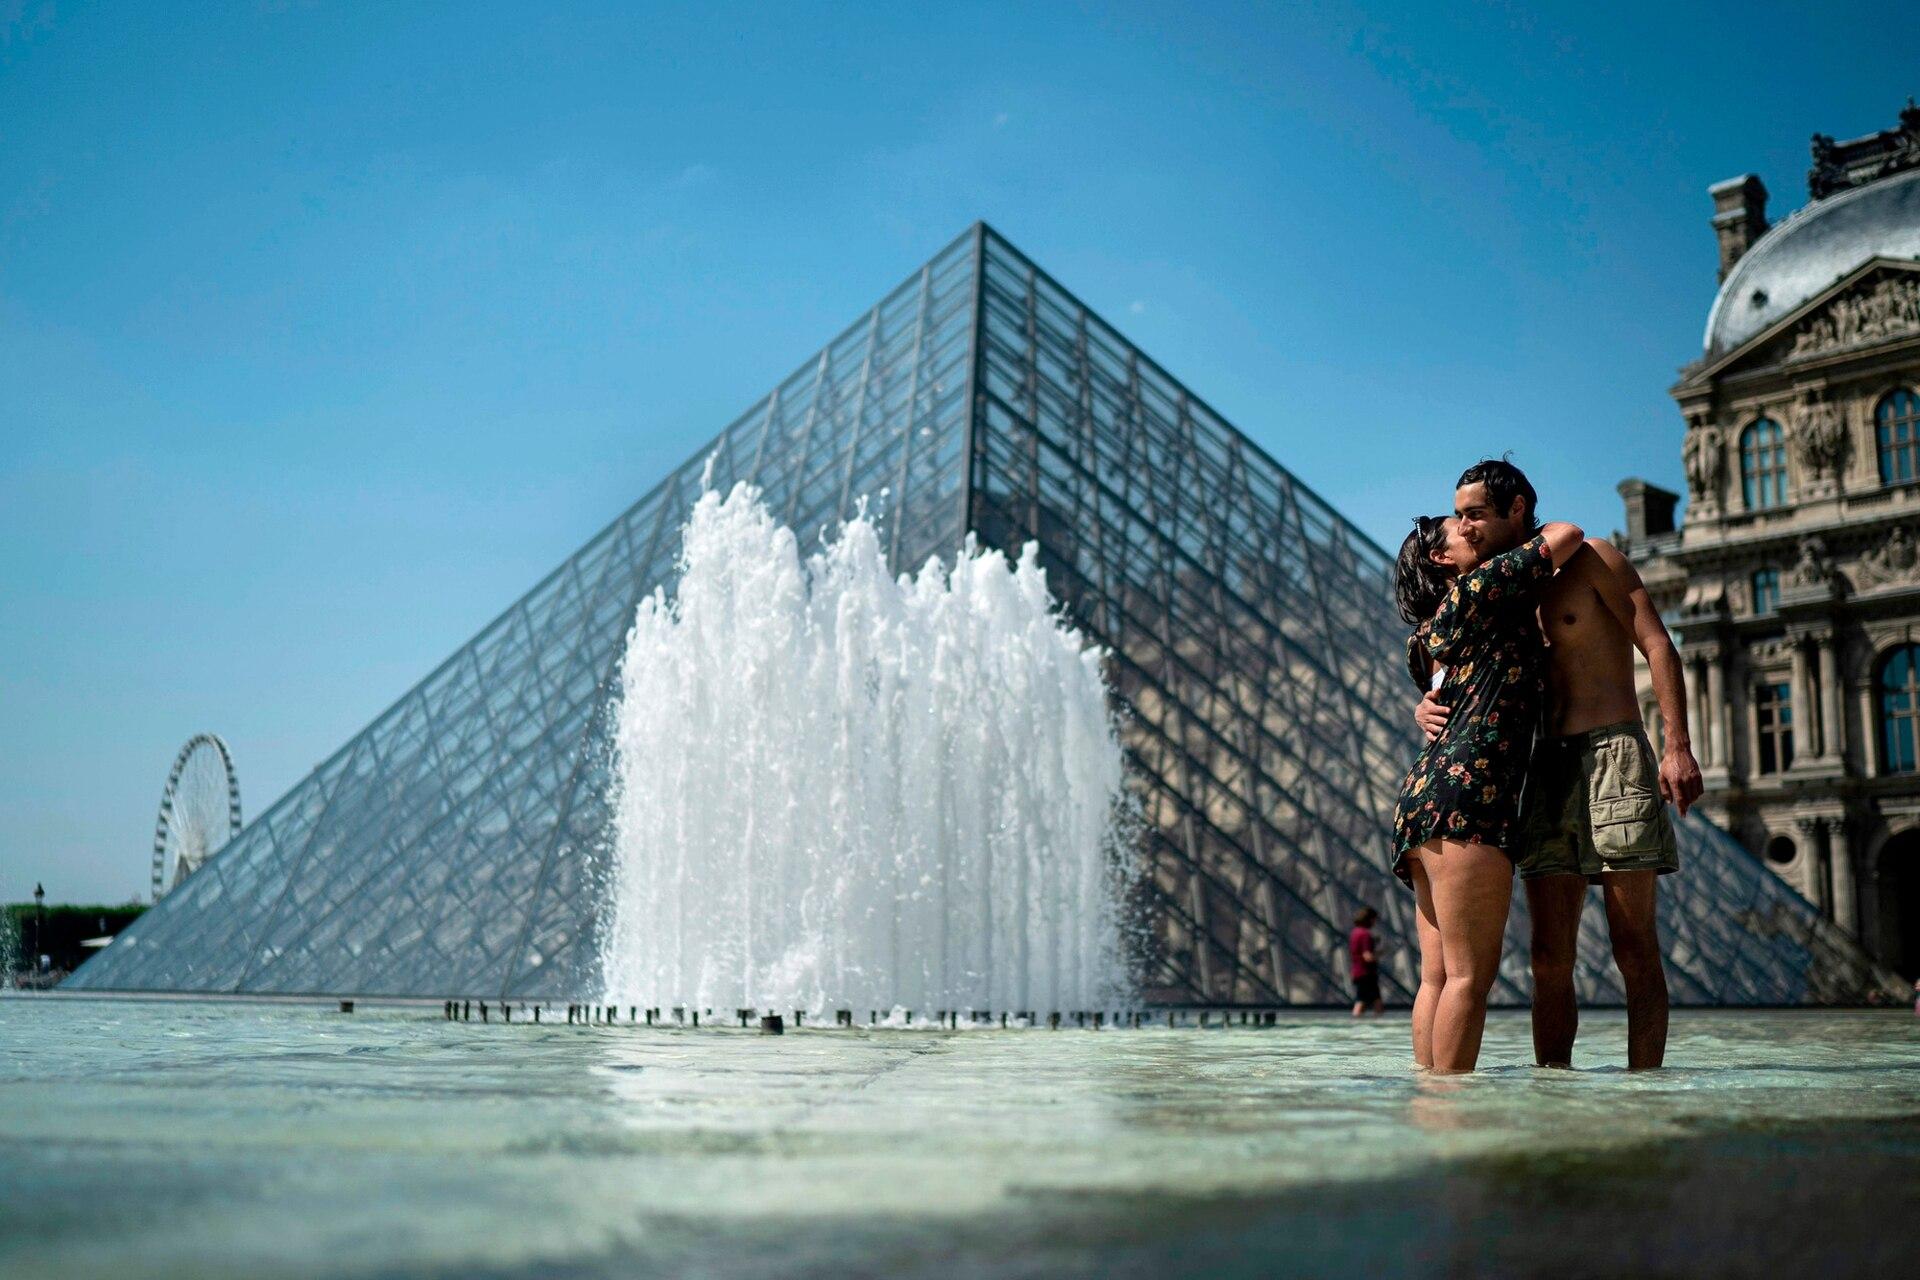 Abrazos en la fuente de la Pirámide del Louvre, en París